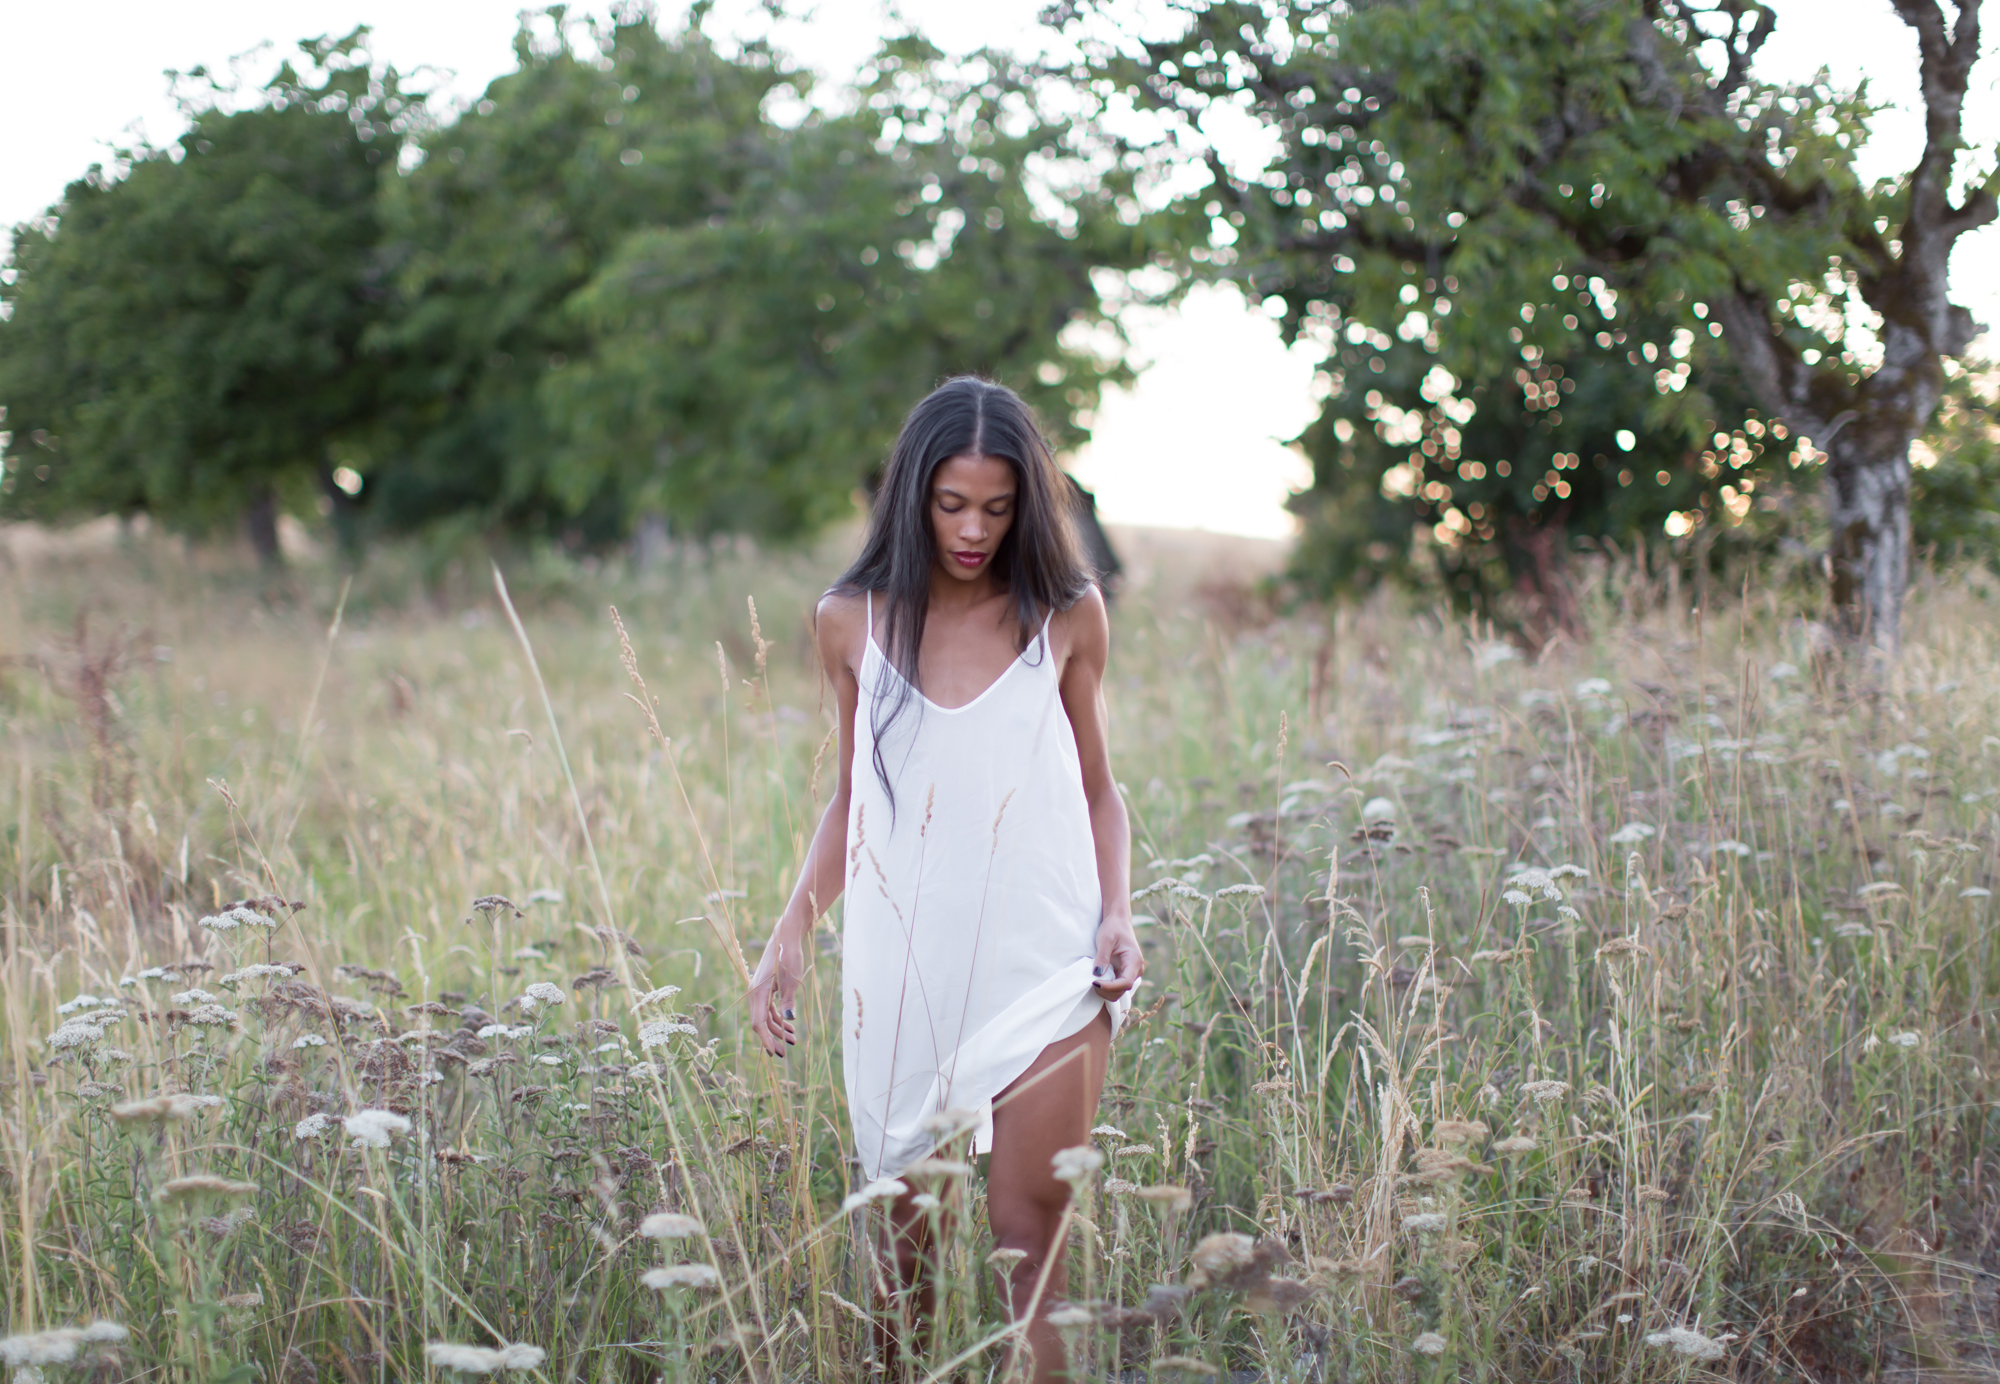 olivia_ashton_photography_boudoir_21